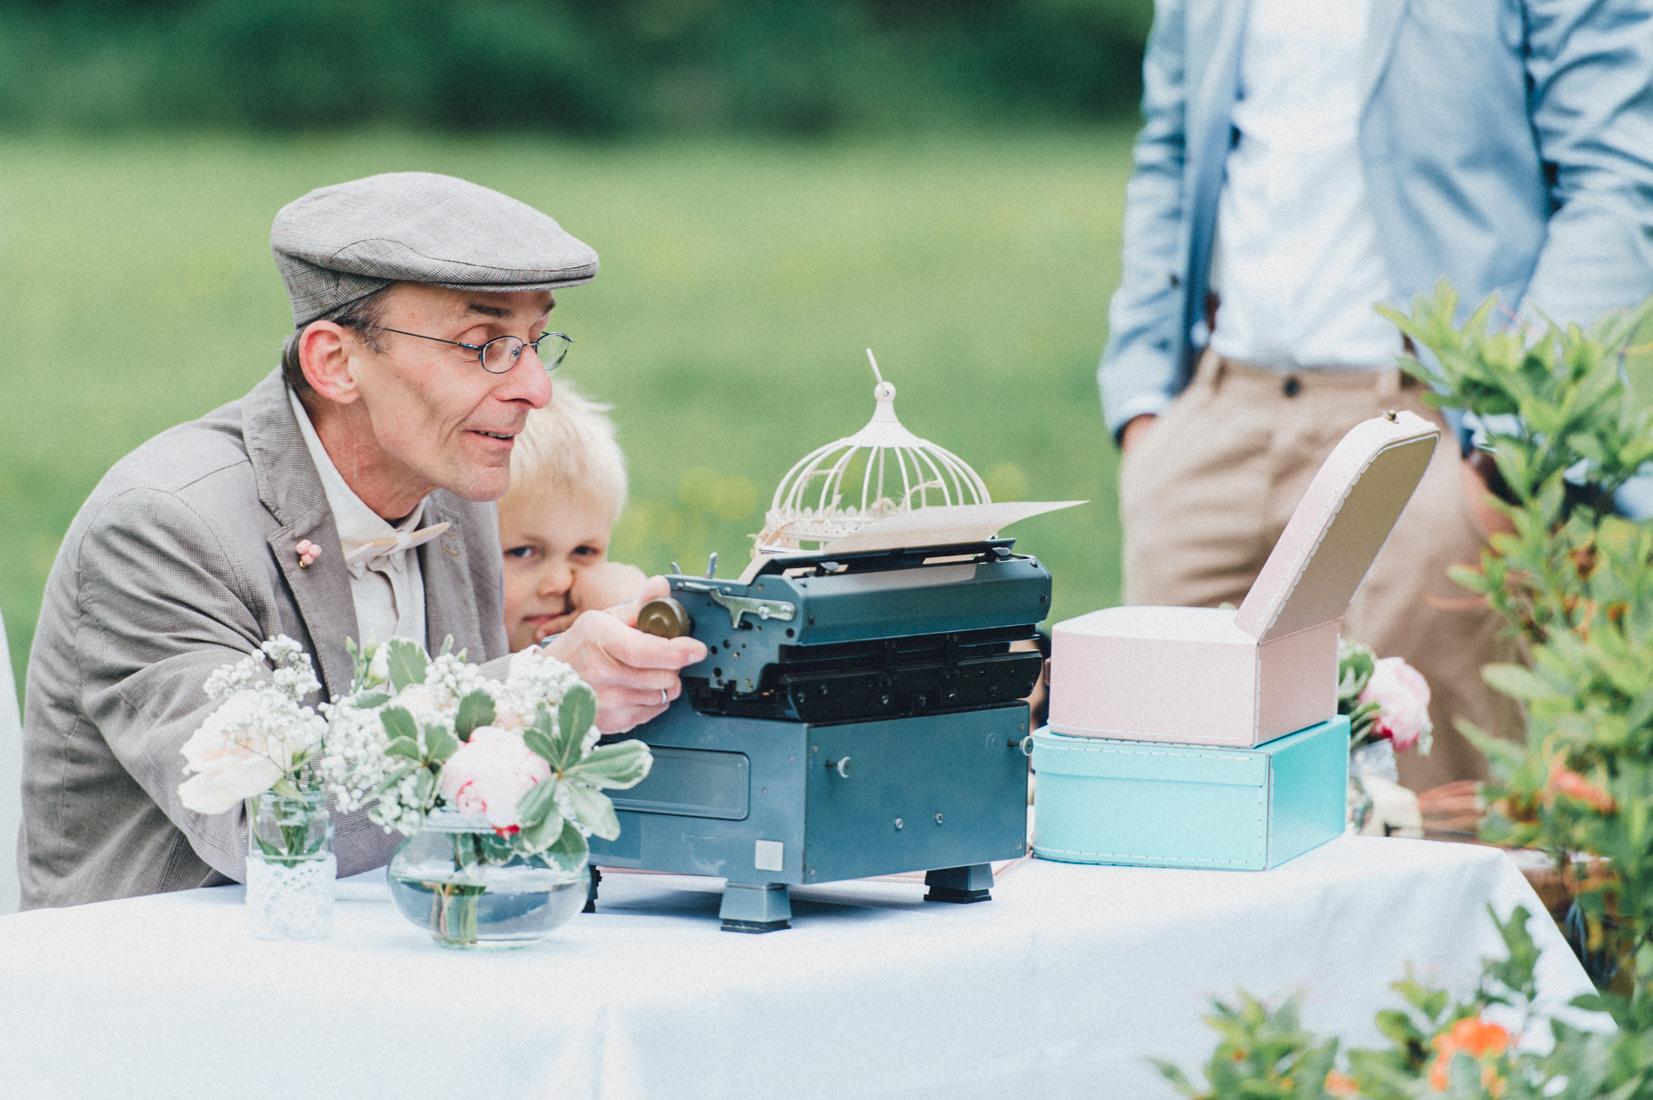 pastel-vintage-hertefeld-113 hochzeitsfotograf schloss hertefeldGalina & Robert DIY Pastel Vintage Hochzeit auf Schloss Hertefeldpastel vintage hertefeld 113